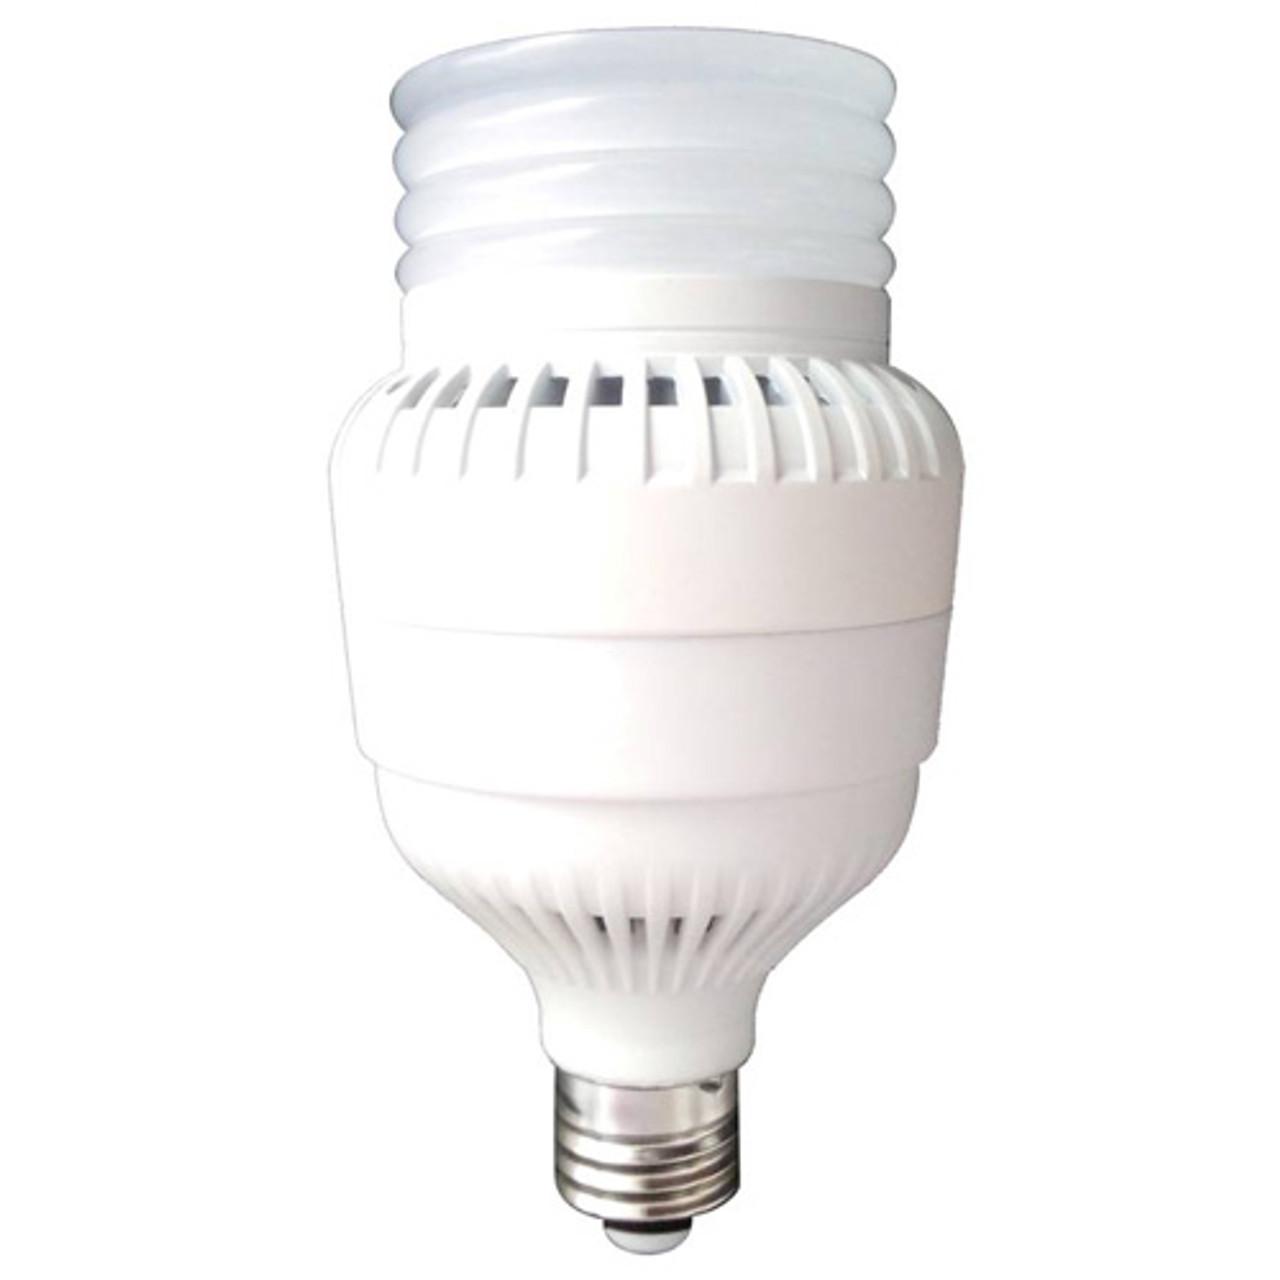 40w LED Light Bulb